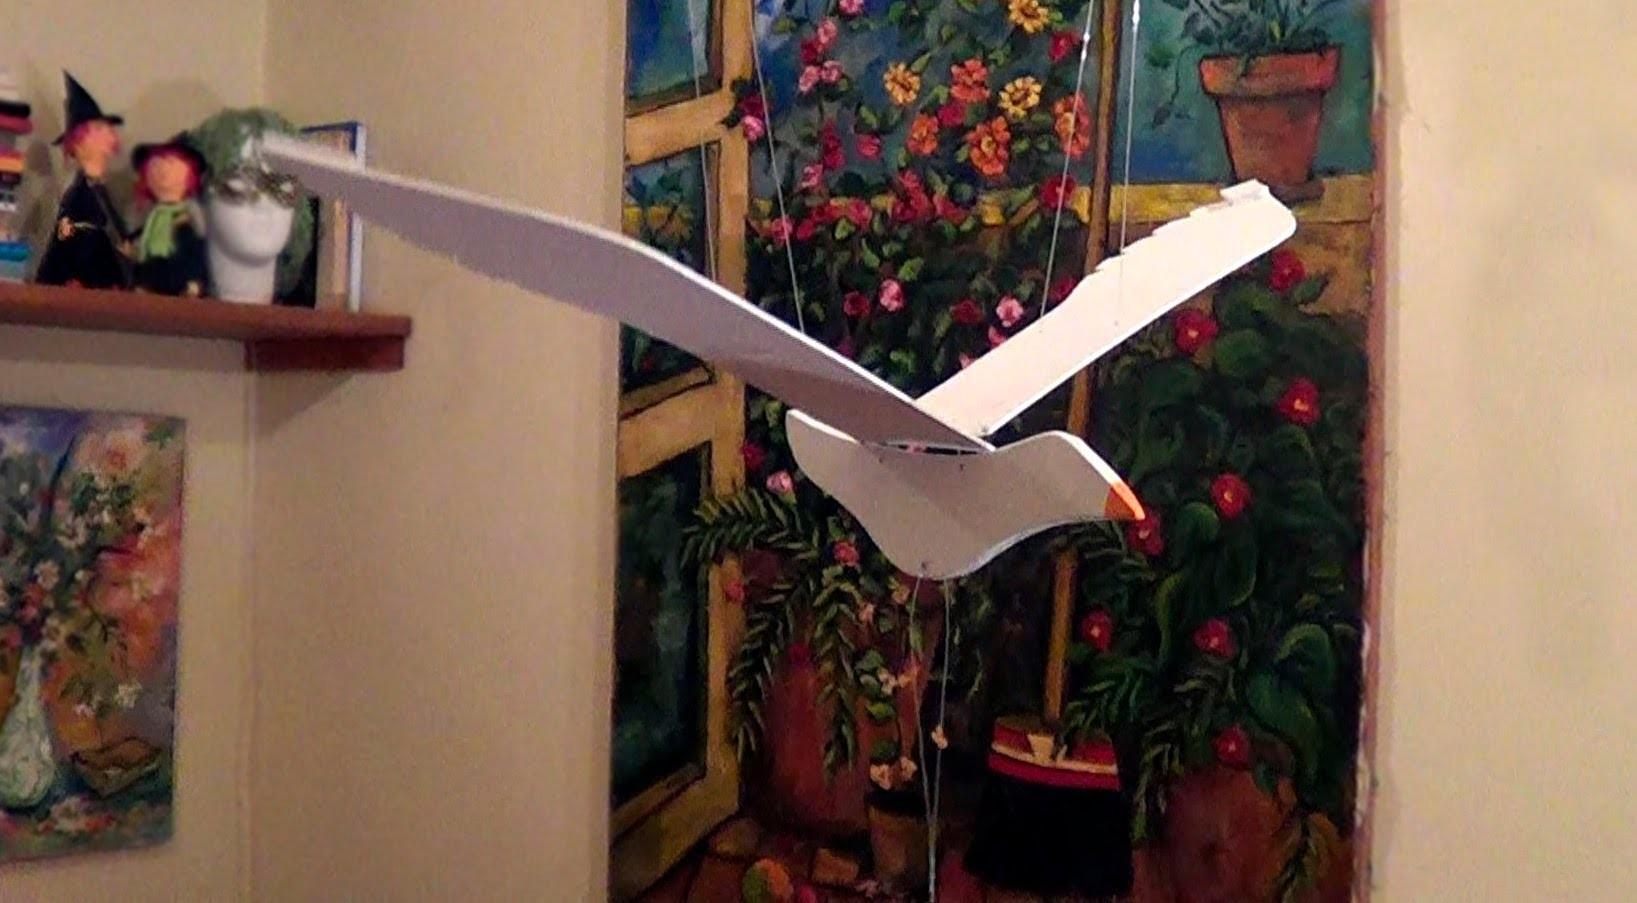 Gaivota - Flying bird